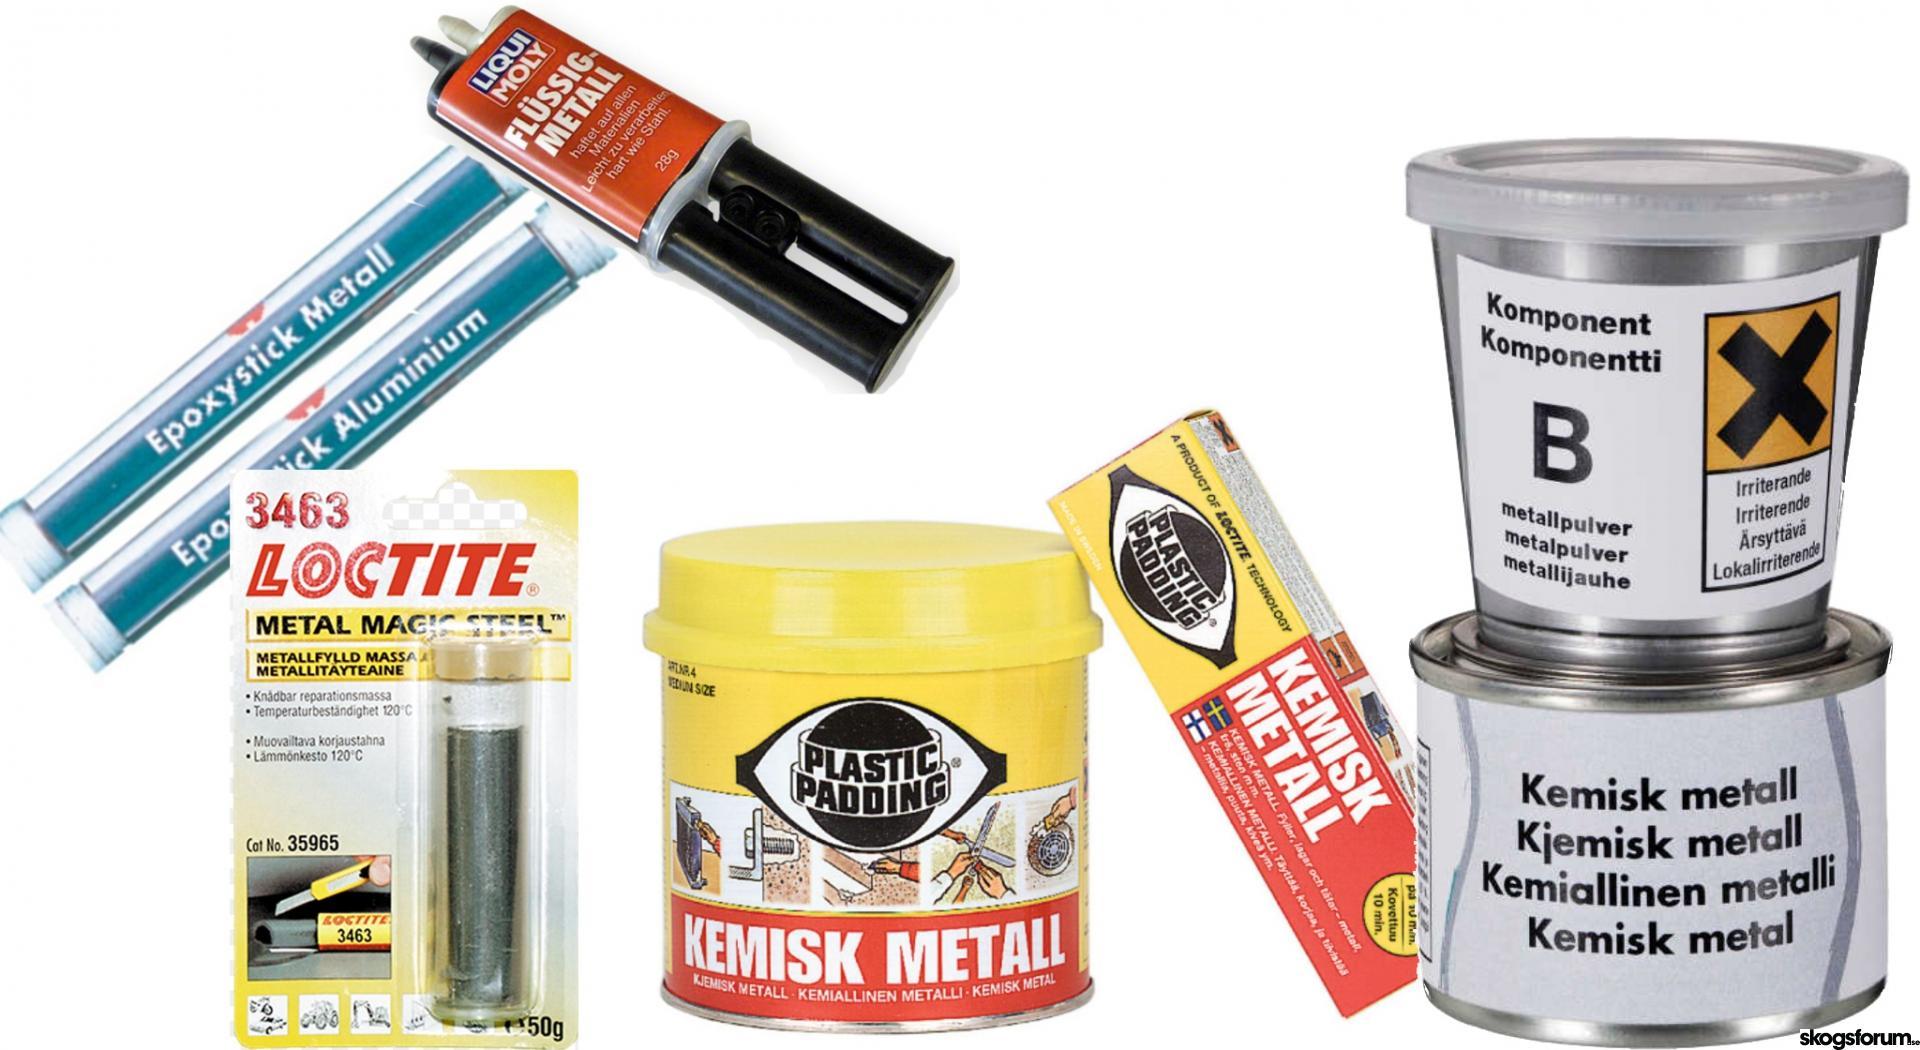 Unika Kemisk metall - vilken är den bästa?   skogsforum.se GR-67